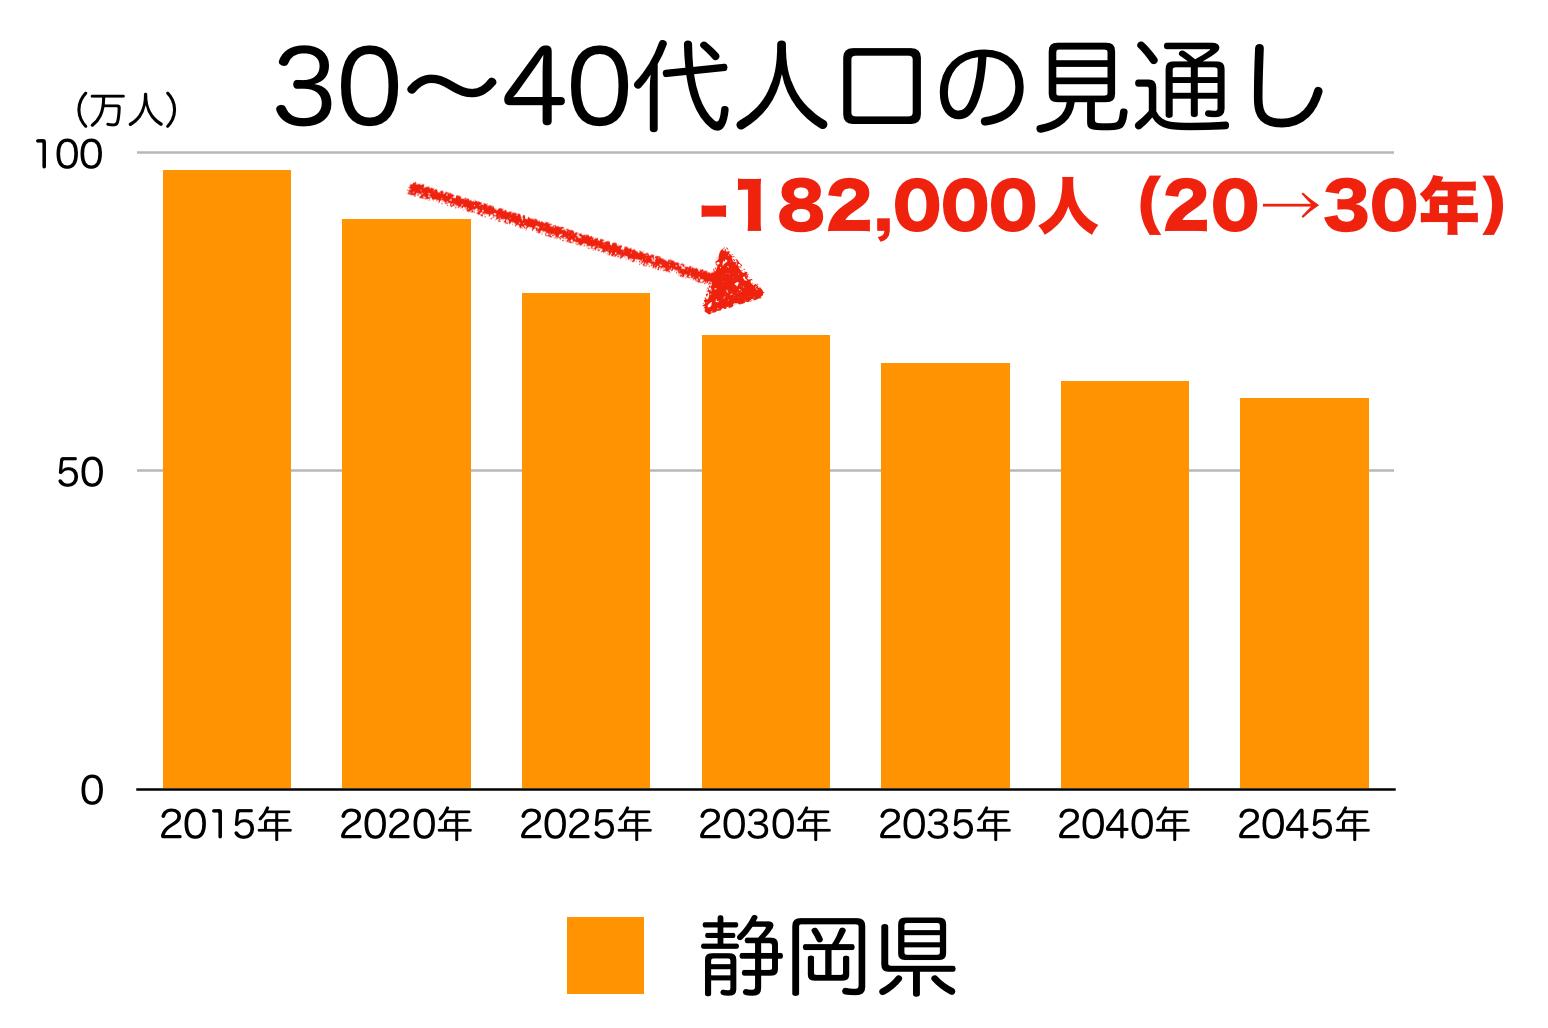 静岡県の30〜40代人口の予測